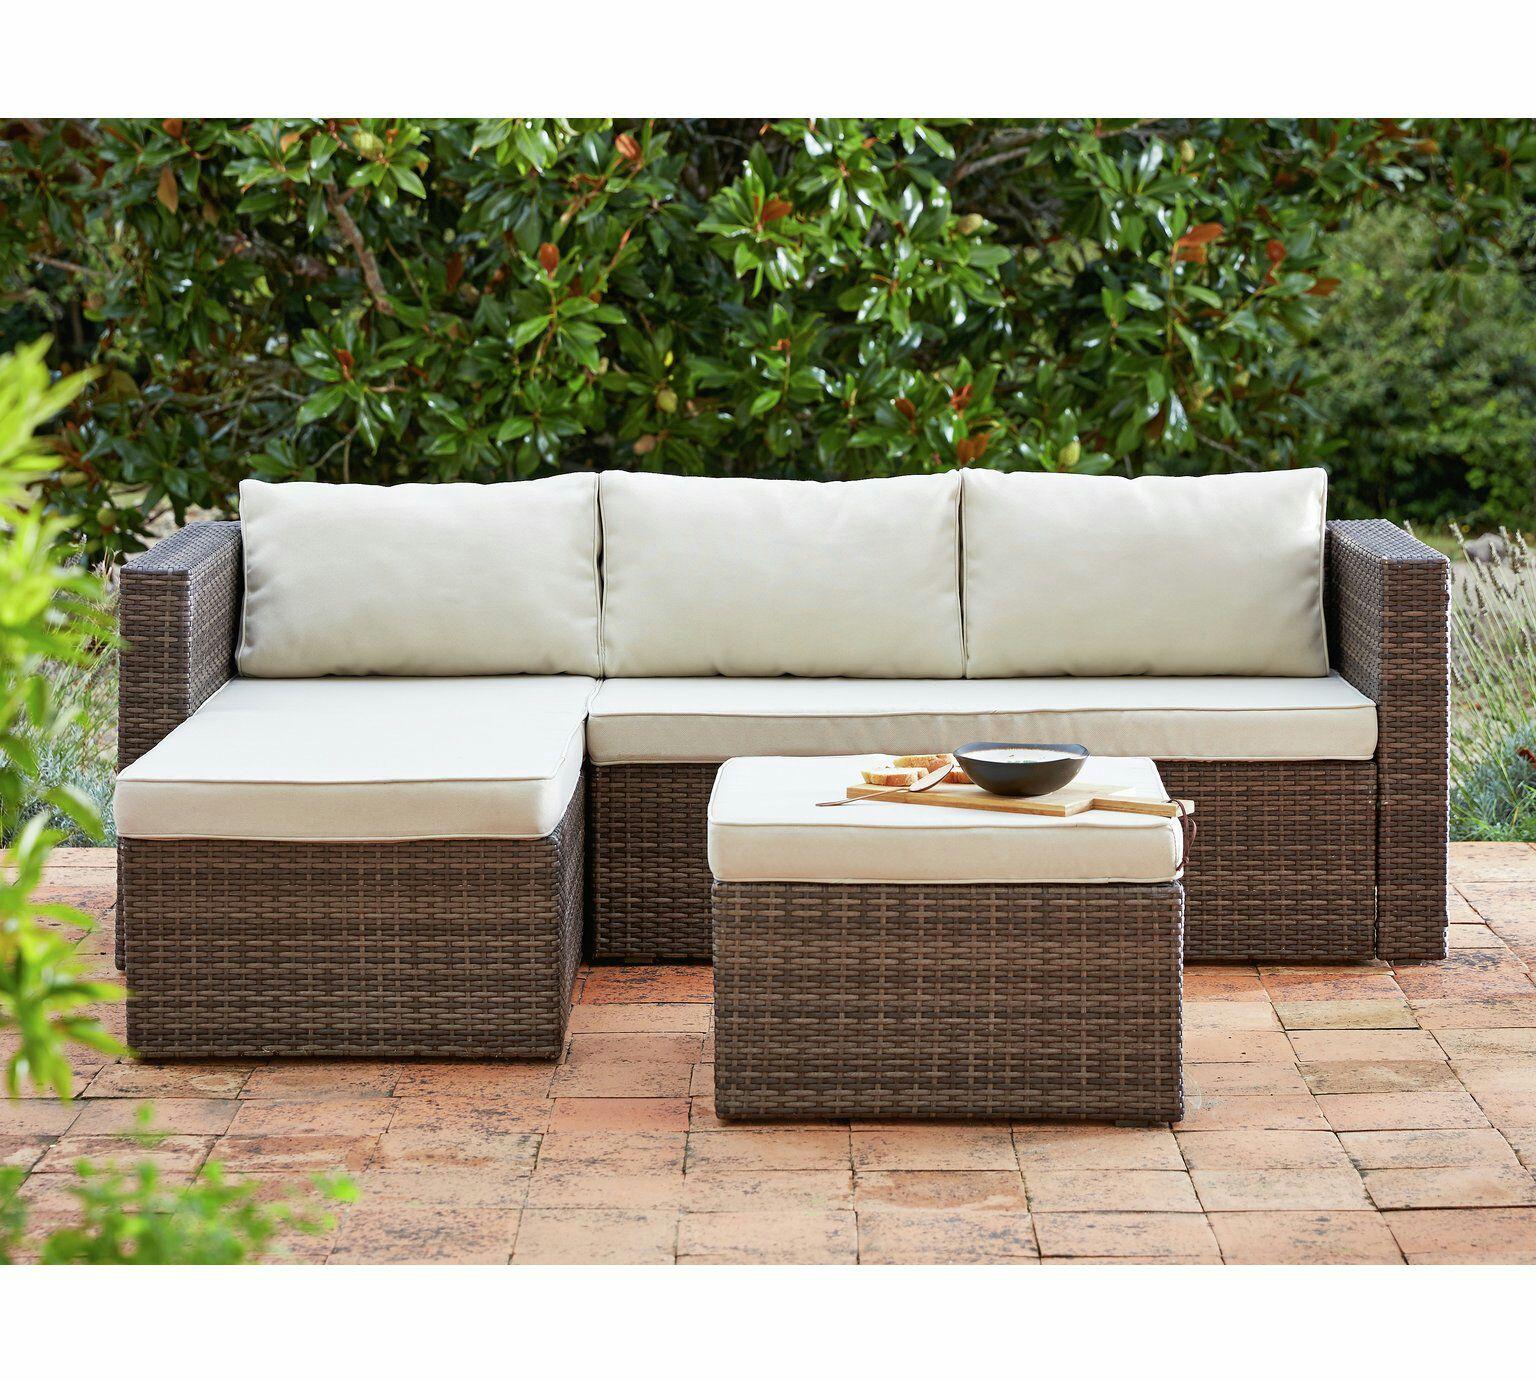 Aldi Corner Rattan Effect Sofa Cover: HOME 3 Seater Rattan Effect Mini Corner Sofa 20%OFF £199